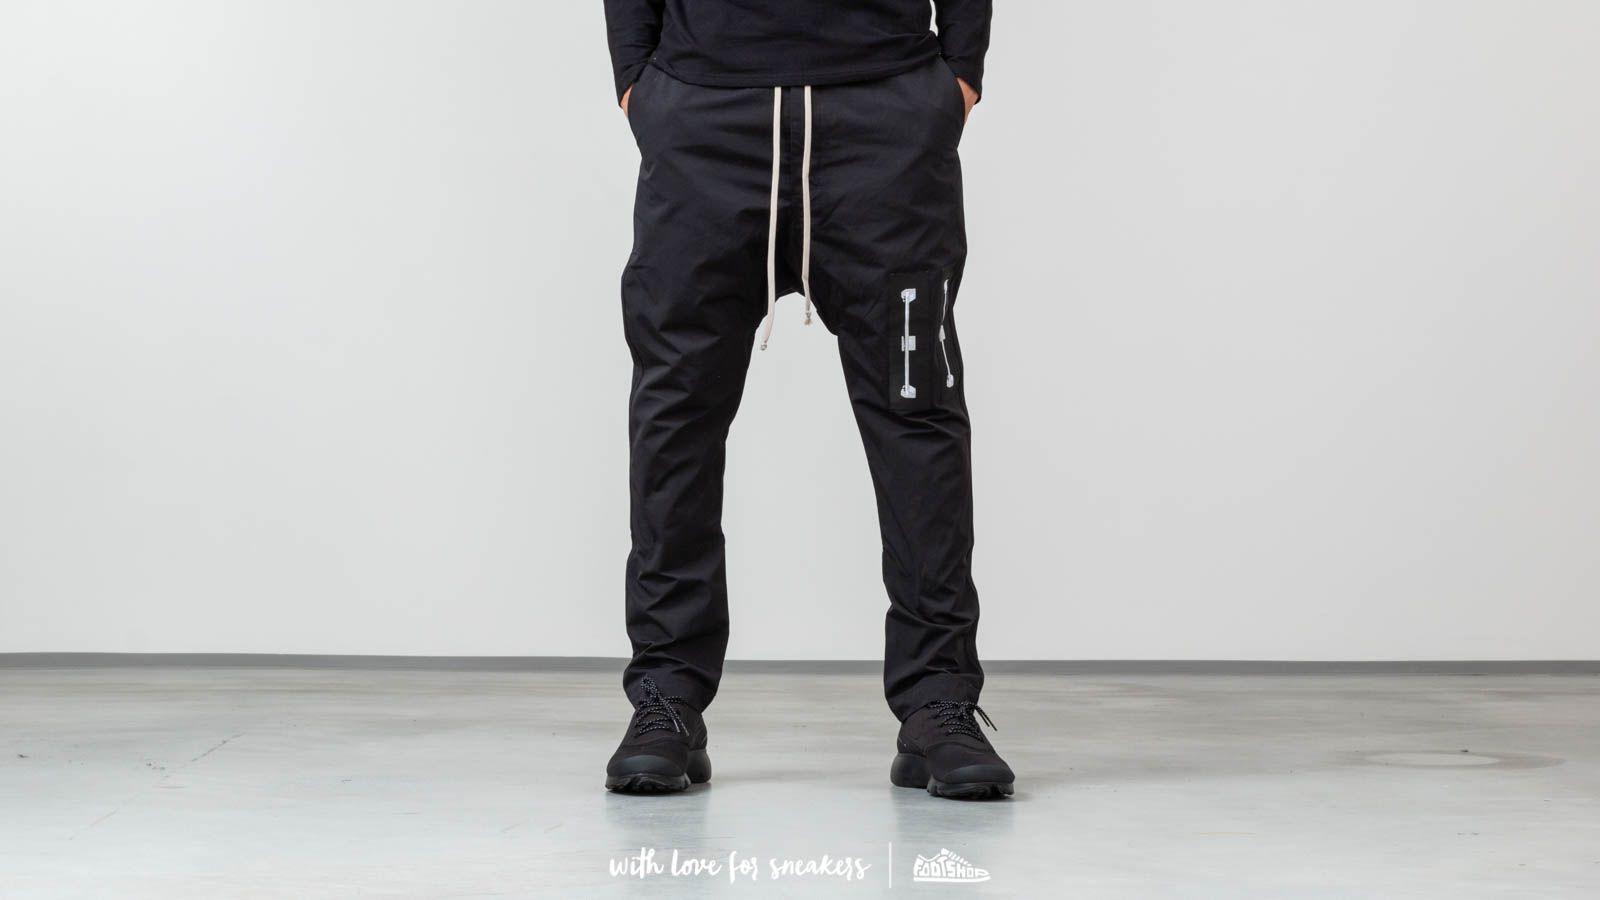 5e24828288c2 Rick Owens DRKSHDW Drawstring Long Pants Black at a great price  611 buy at  Footshop